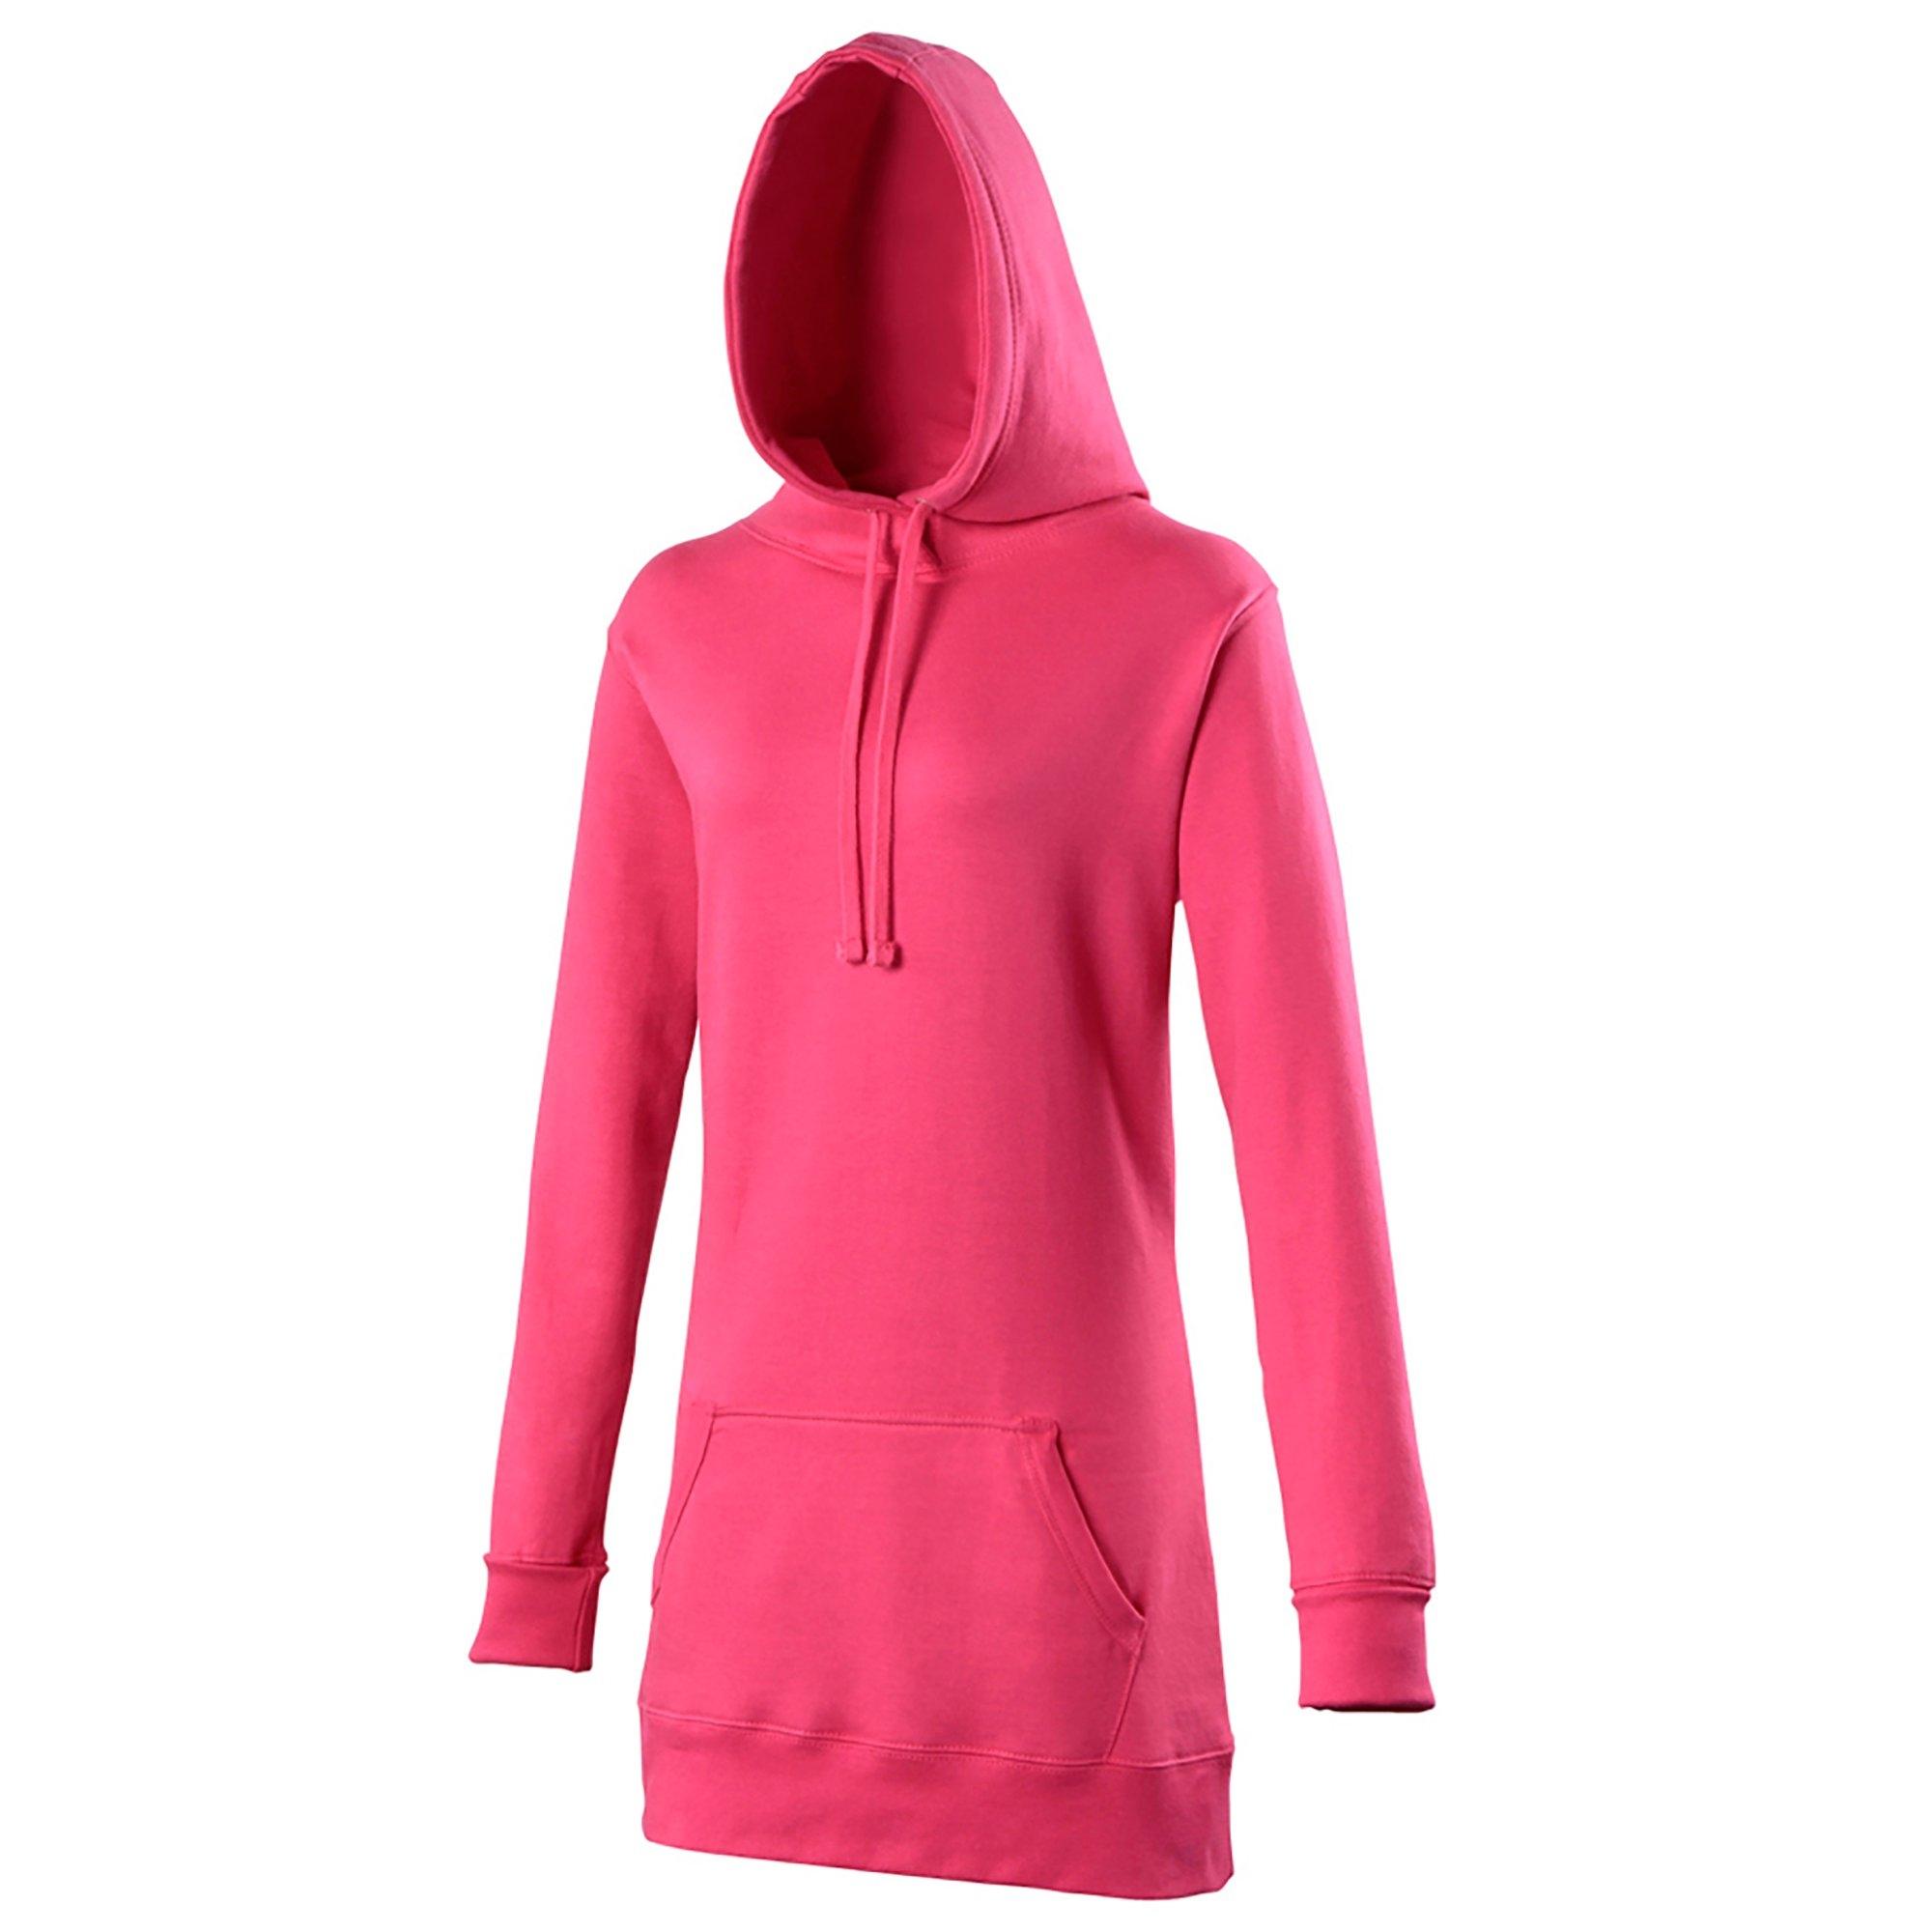 Awdis capuchontrui »Girlie Damen Kapuzen Pullover extra lang« bestellen: 30 dagen bedenktijd